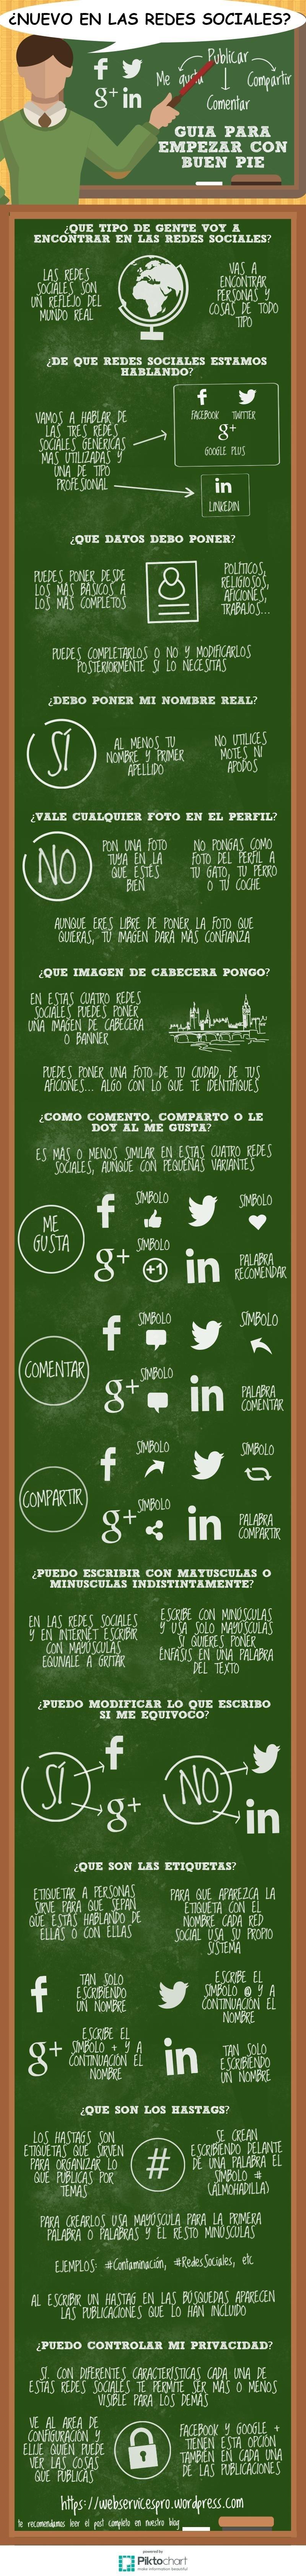 Guía para comenzar en Redes Sociales